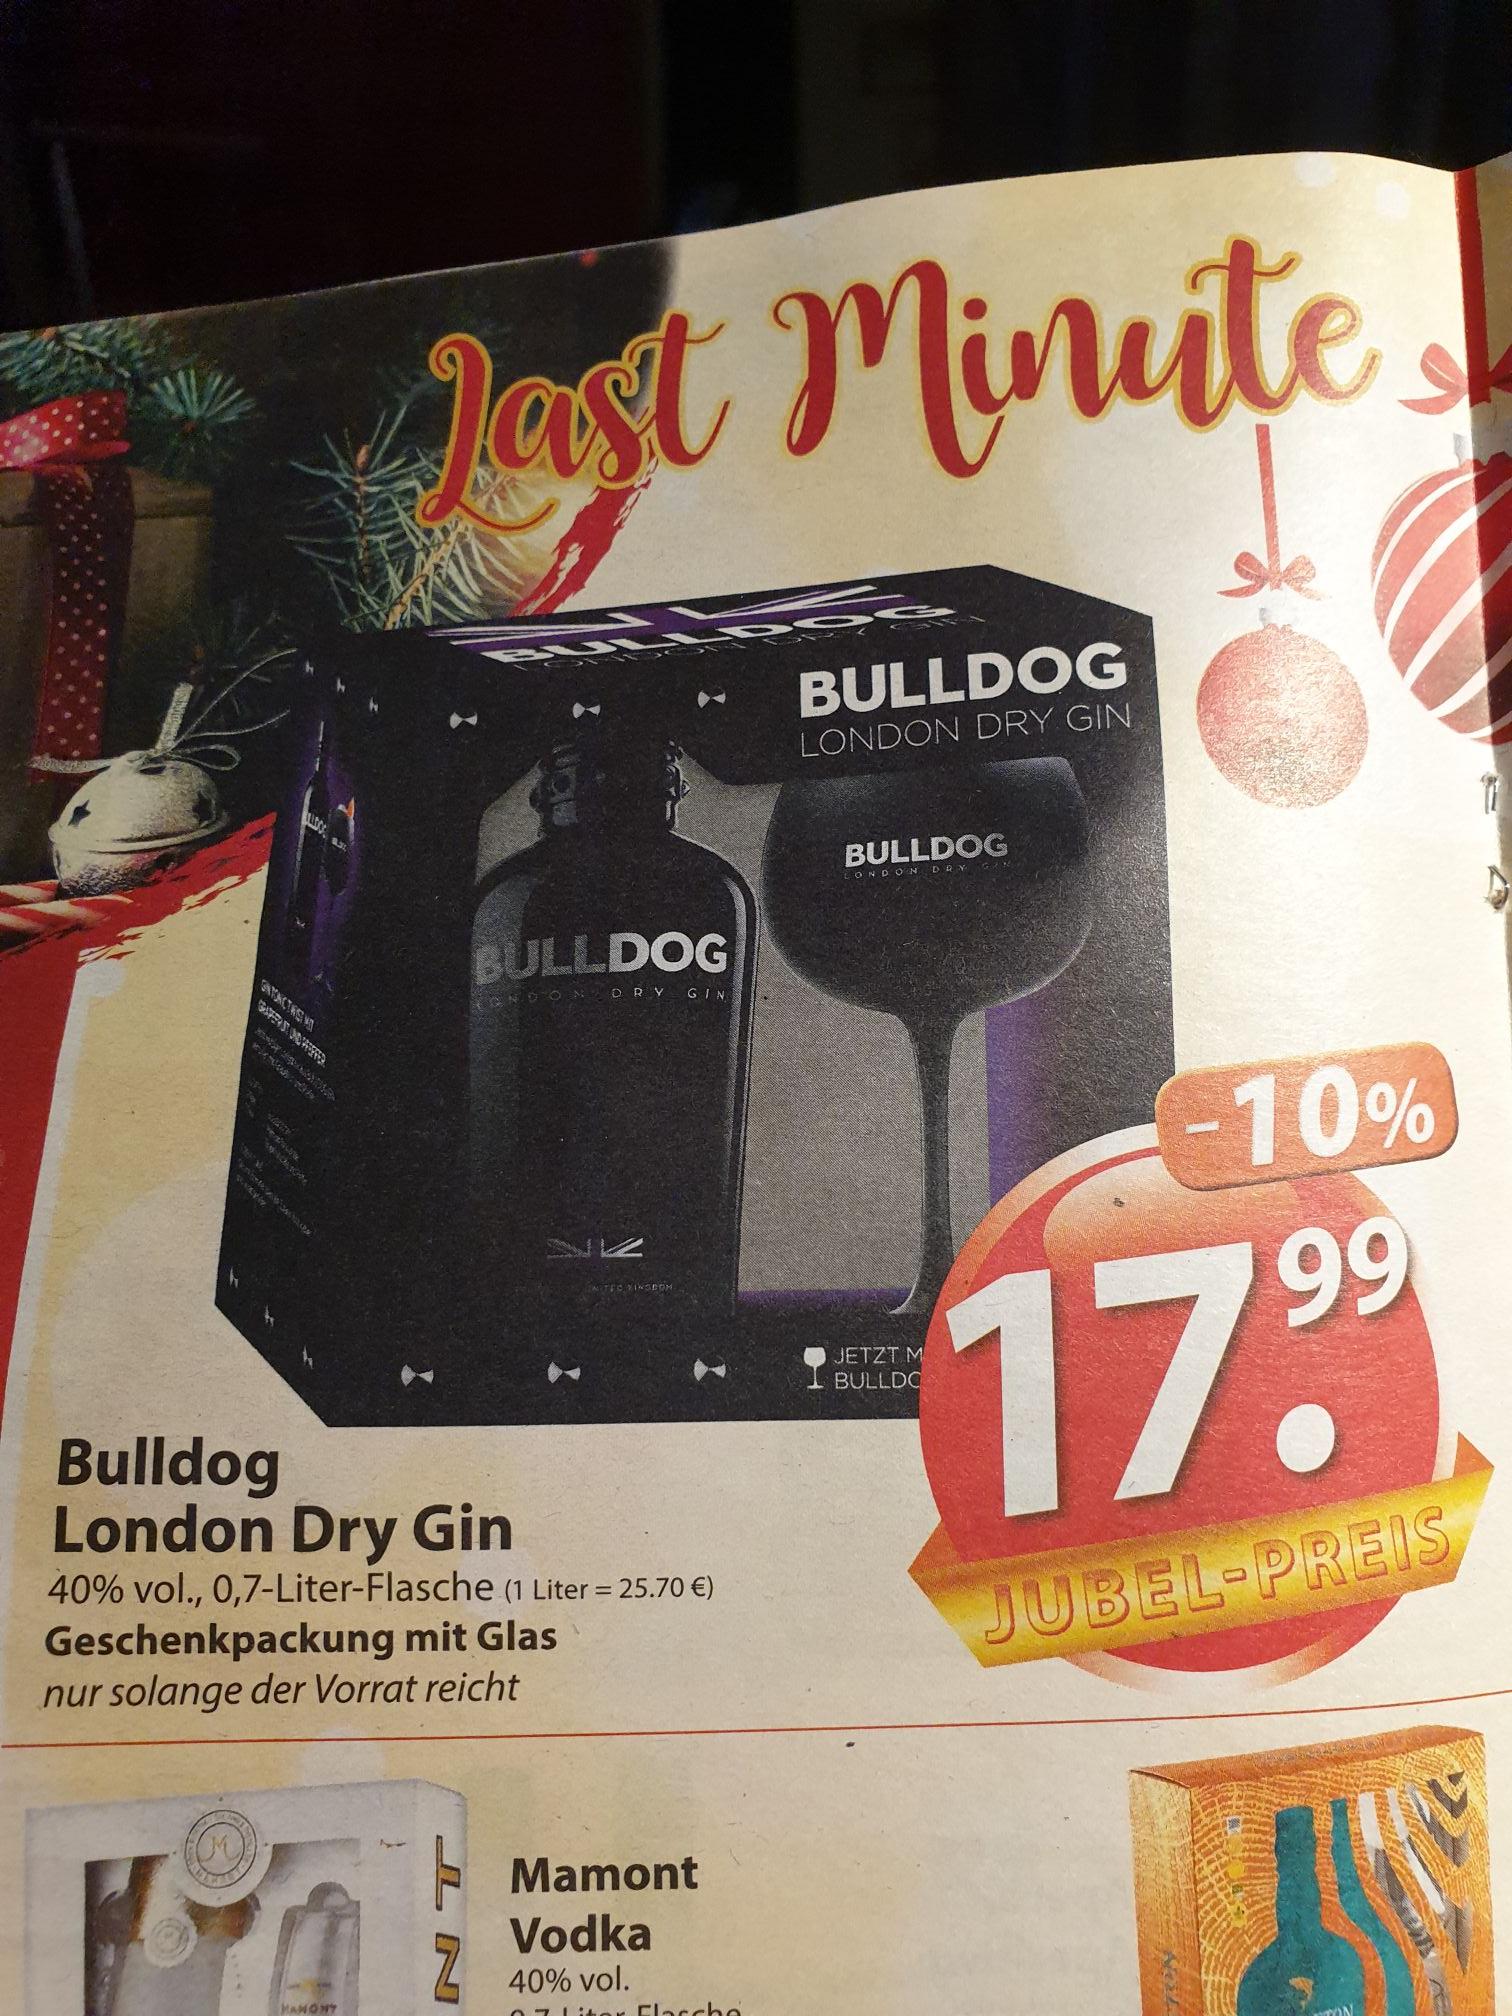 (Famila) Bulldog London Dry Gin 40% Geschenkpackung mit Glas